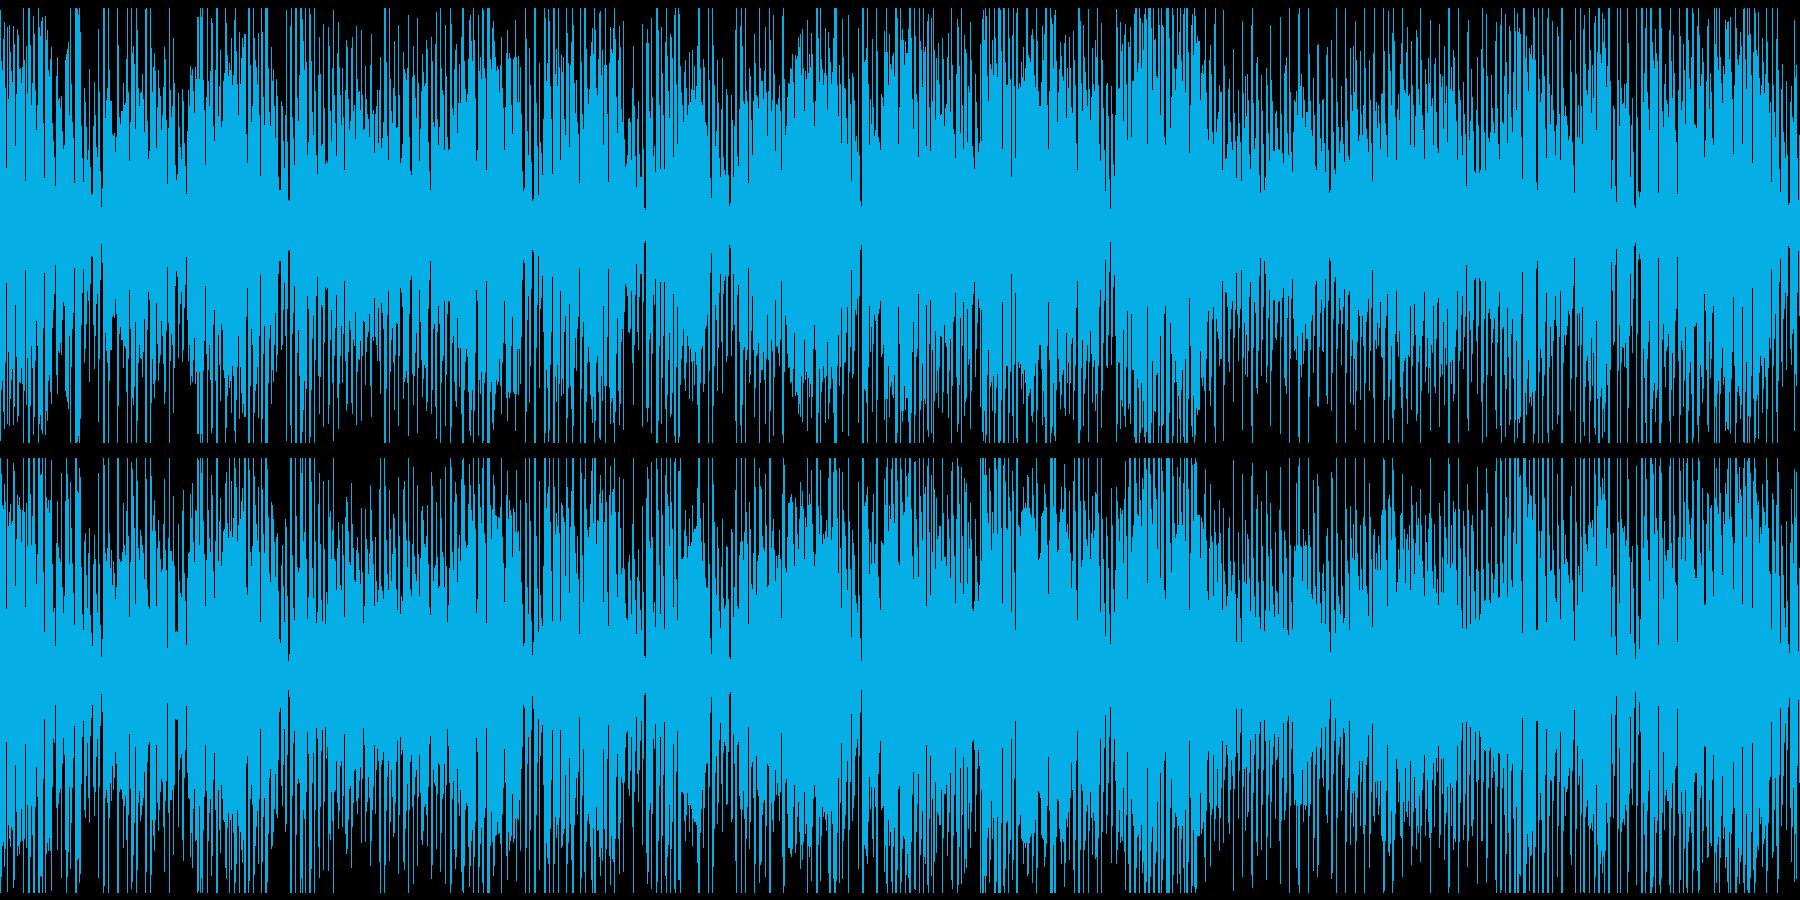 嬉しい気分の軽快ジプシージャズ※ループ版の再生済みの波形